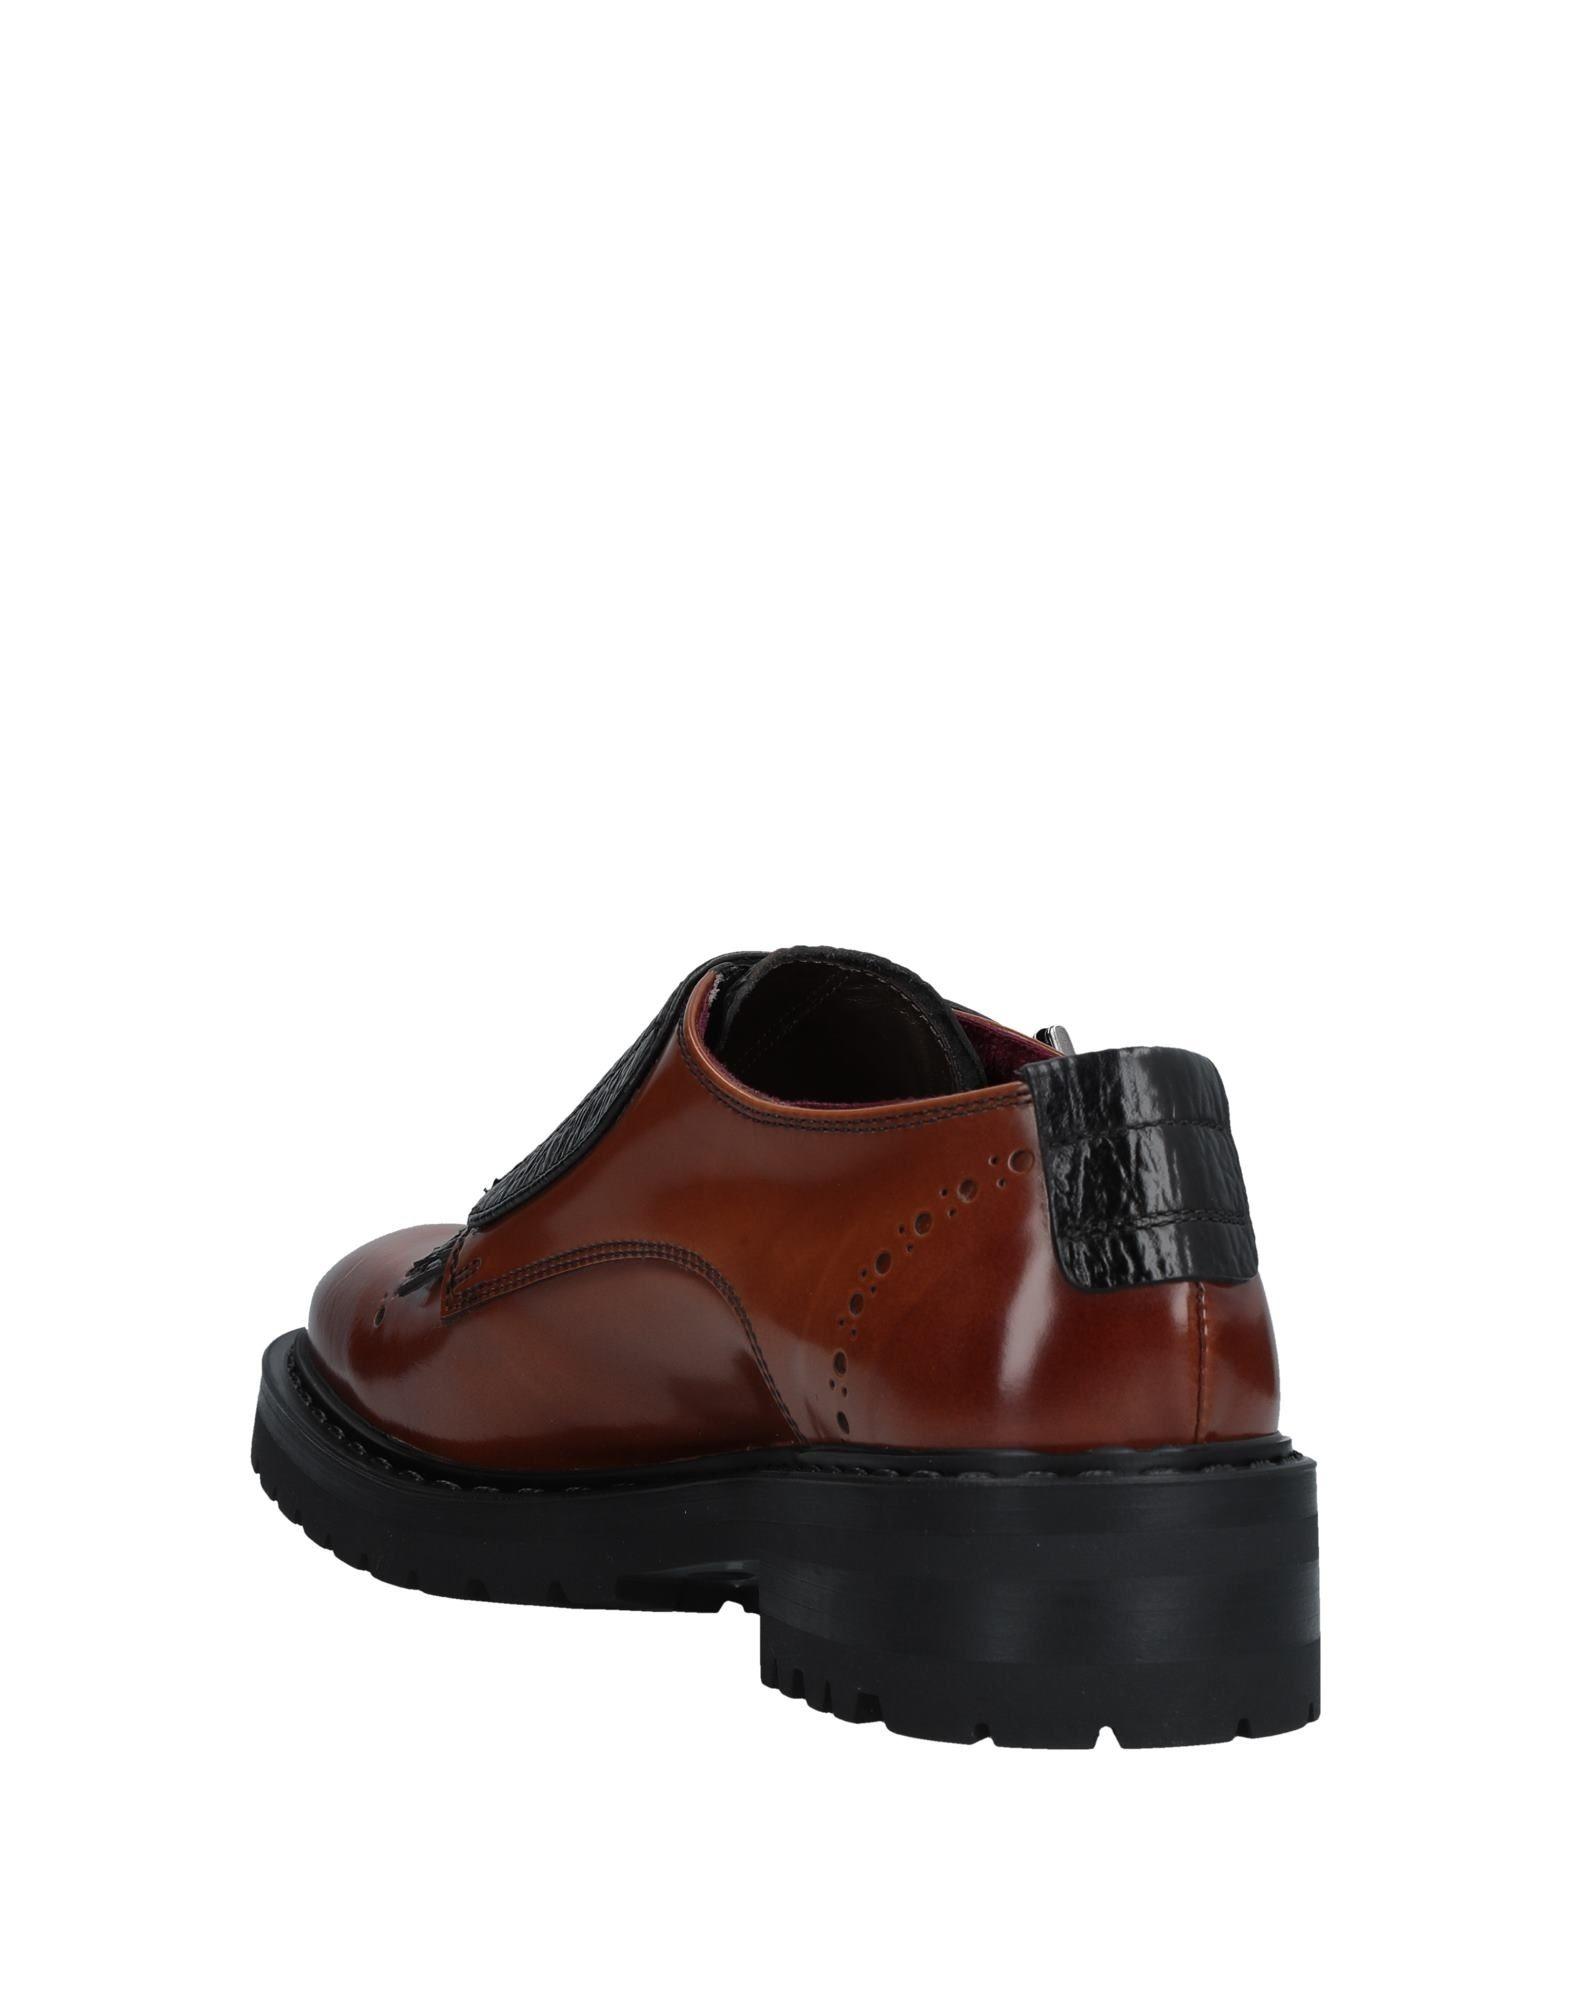 Rabatt Schuhe Barracuda Damen Mokassins Damen Barracuda  11536186TJ 56a040